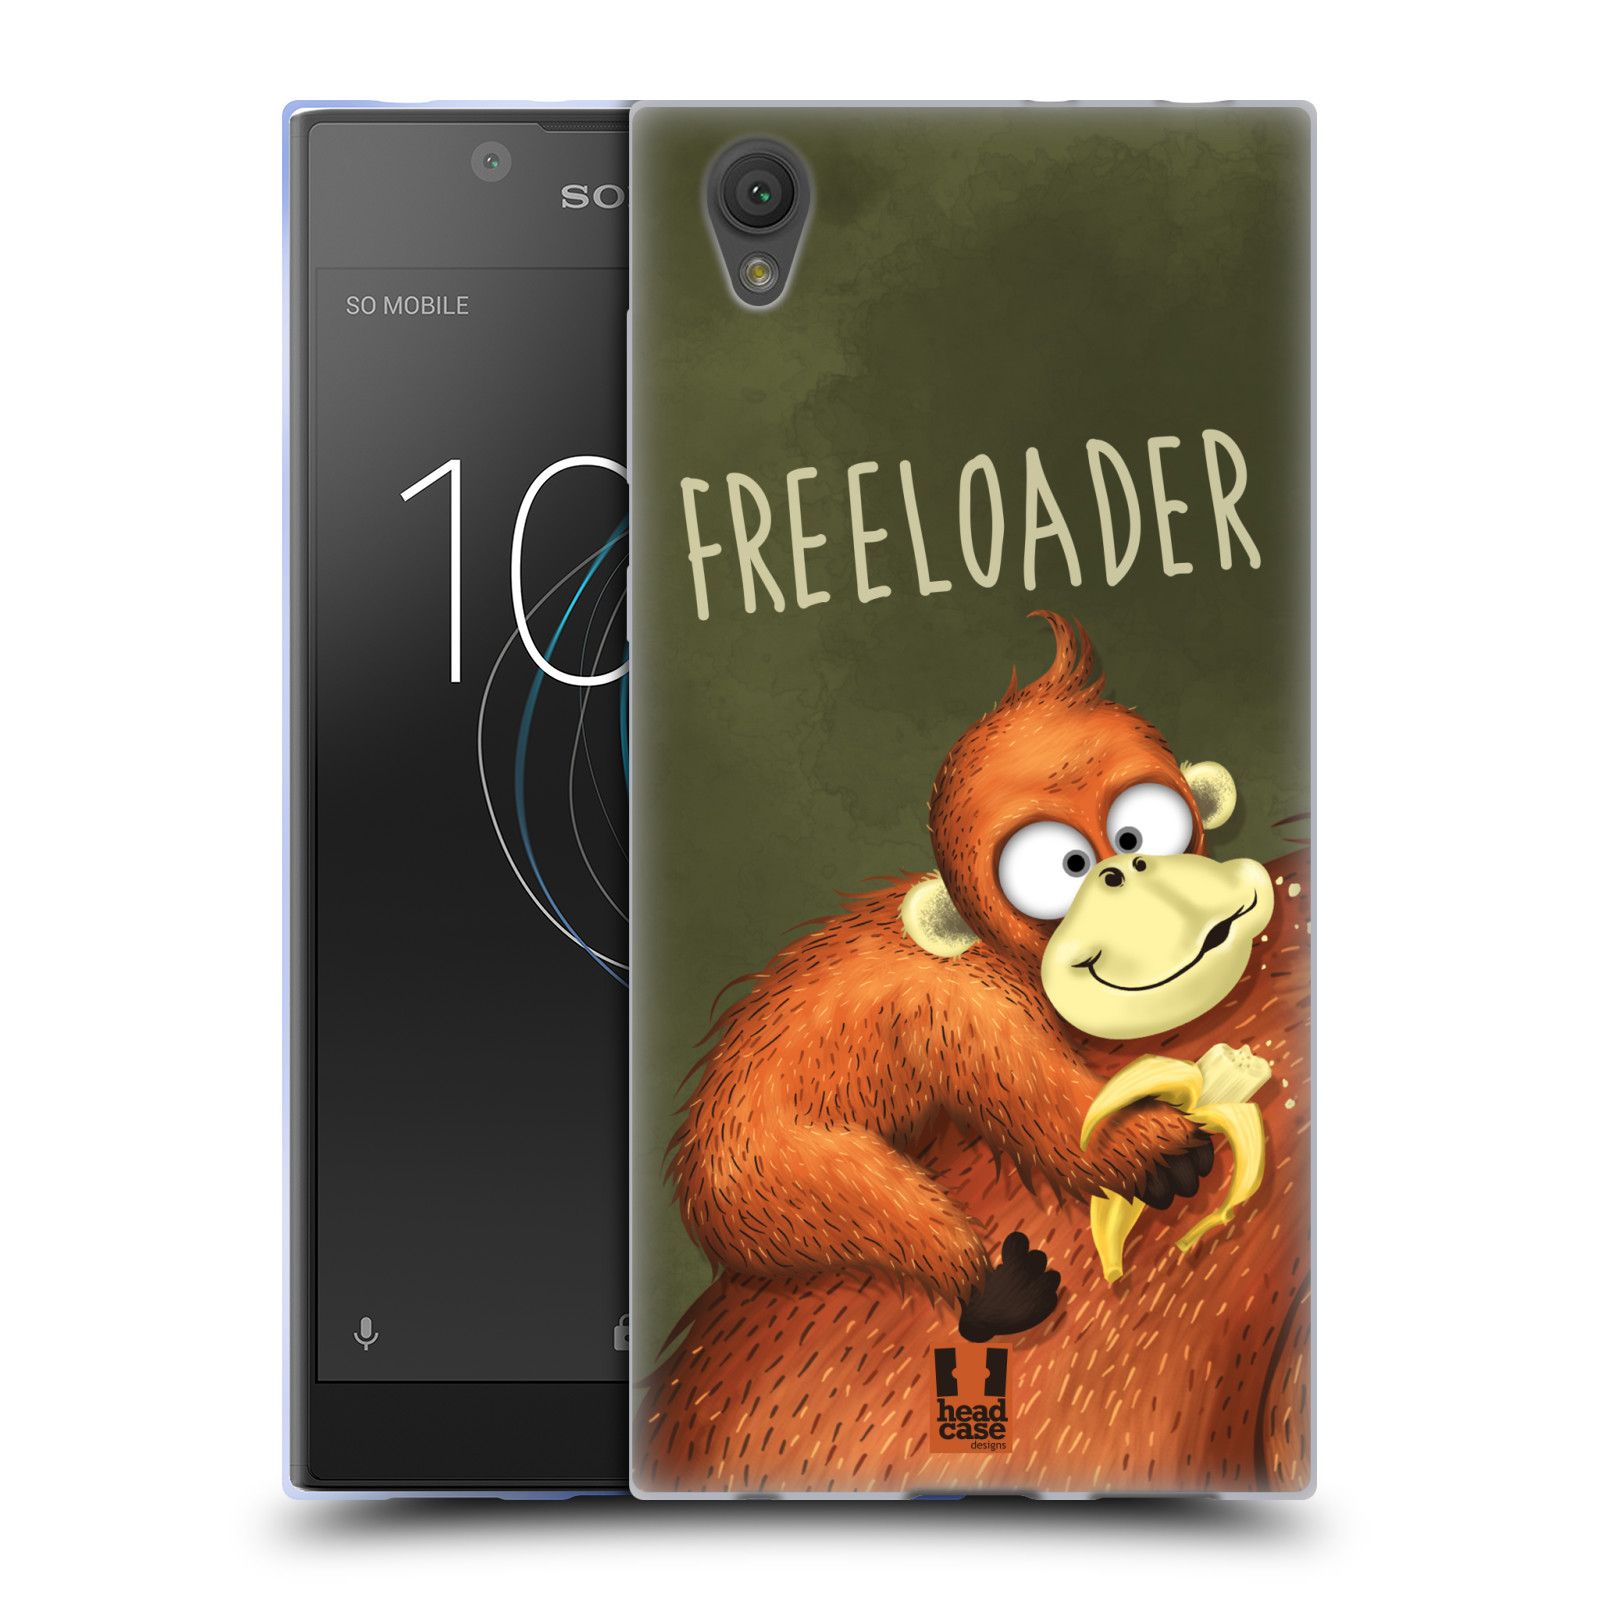 Silikonové pouzdro na mobil Sony Xperia L1 - Head Case - Opičák Freeloader